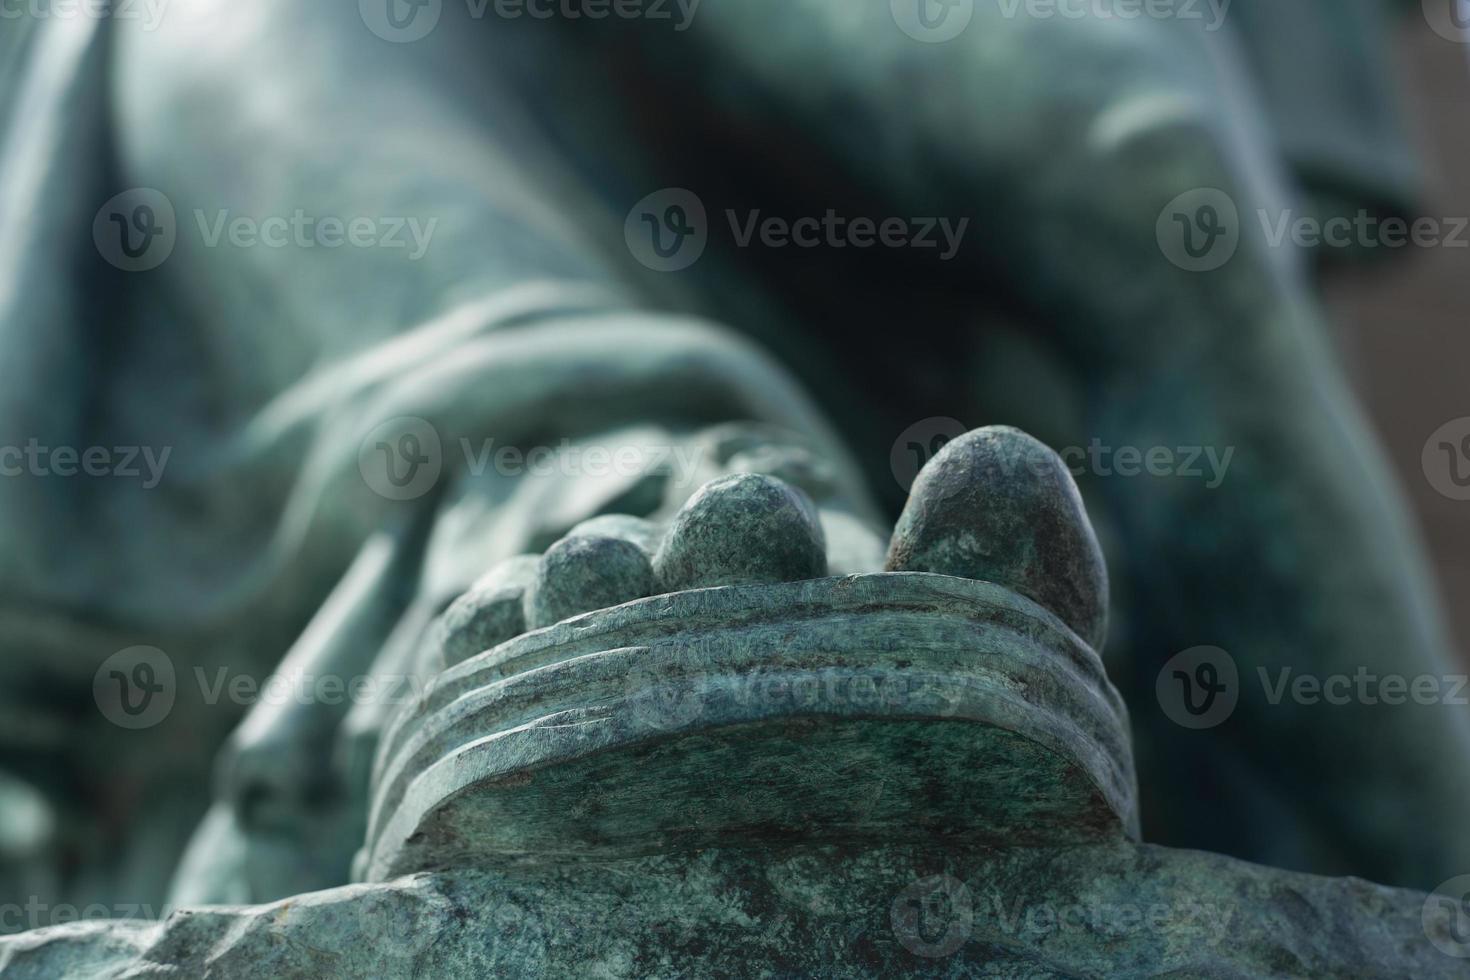 grönaktig sandad fot av en staty foto